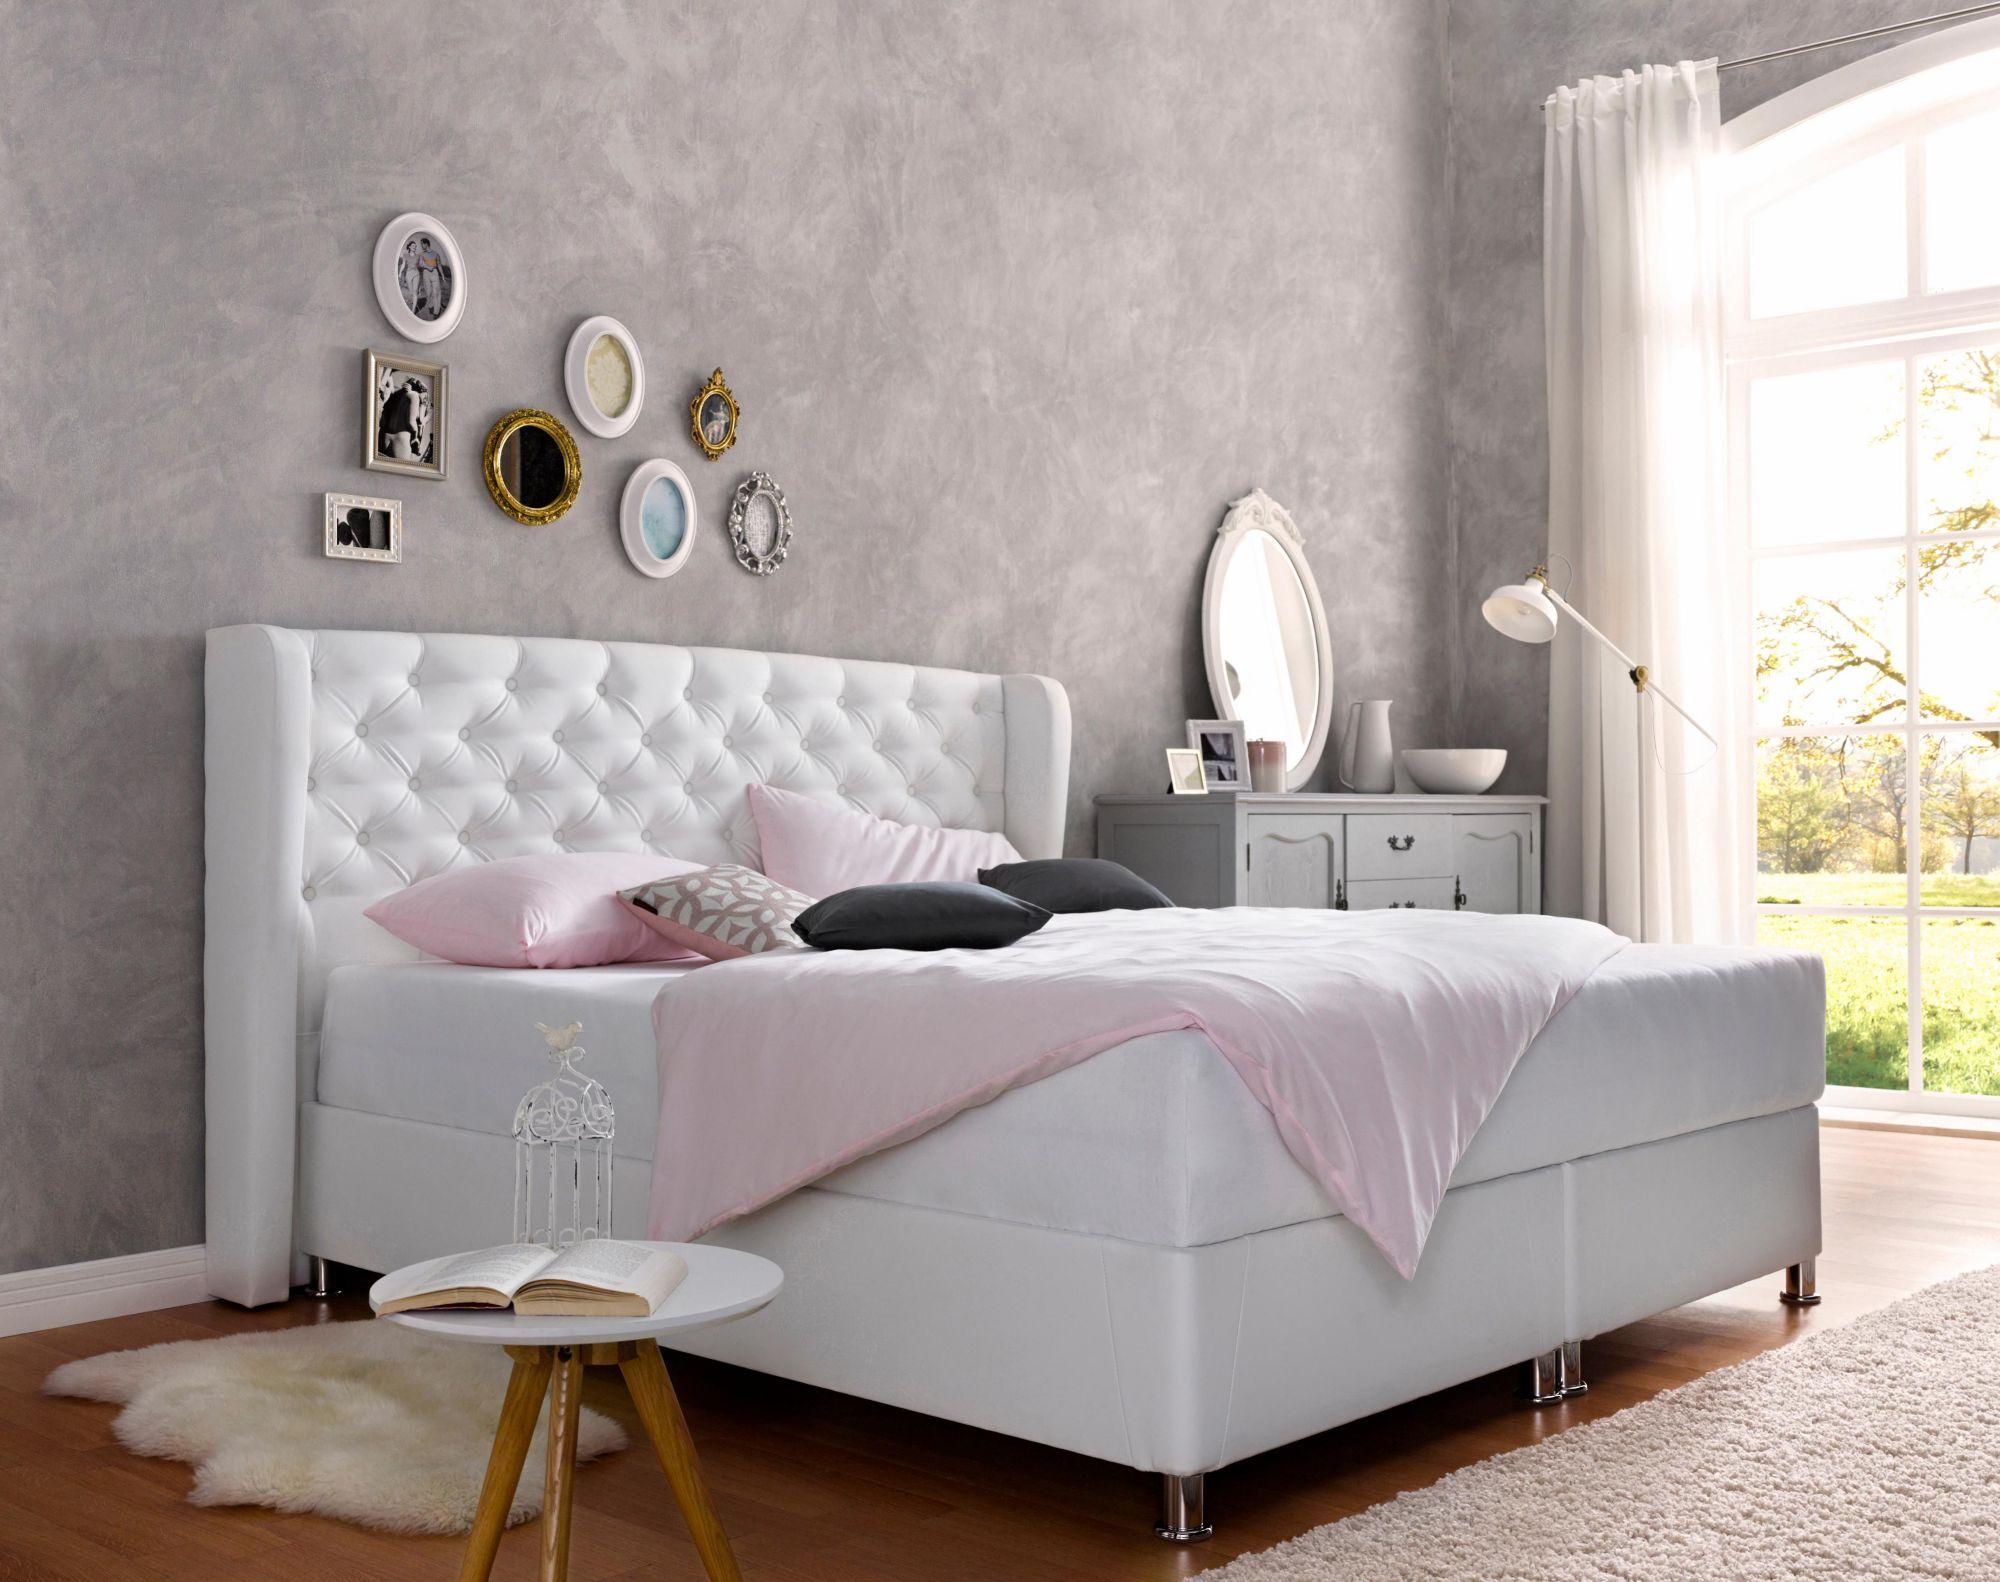 HAPO hapo Komfortbett mit Bettkasten